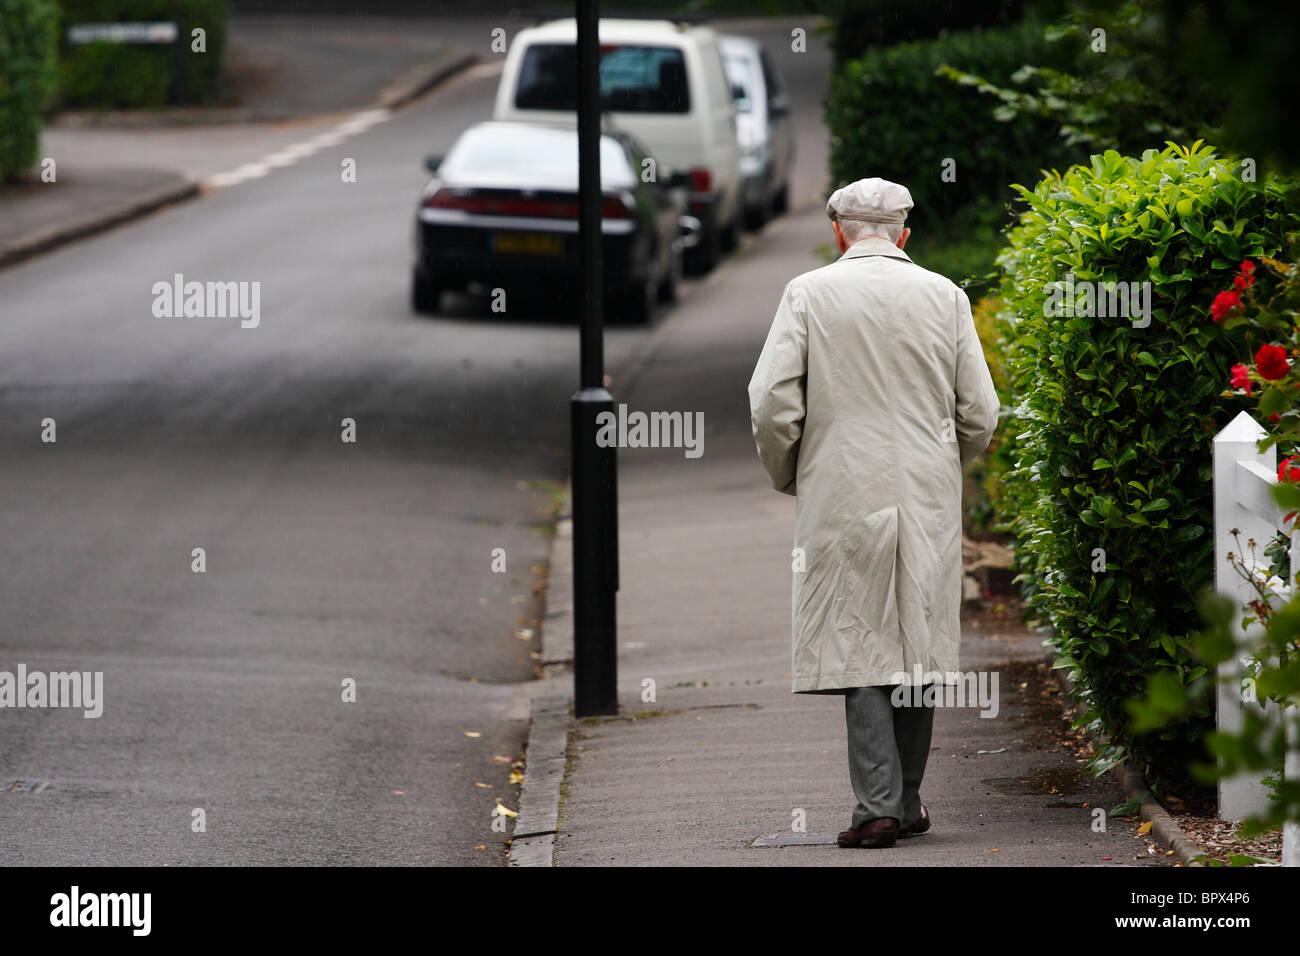 Alter Mann auf Straße Stockfoto